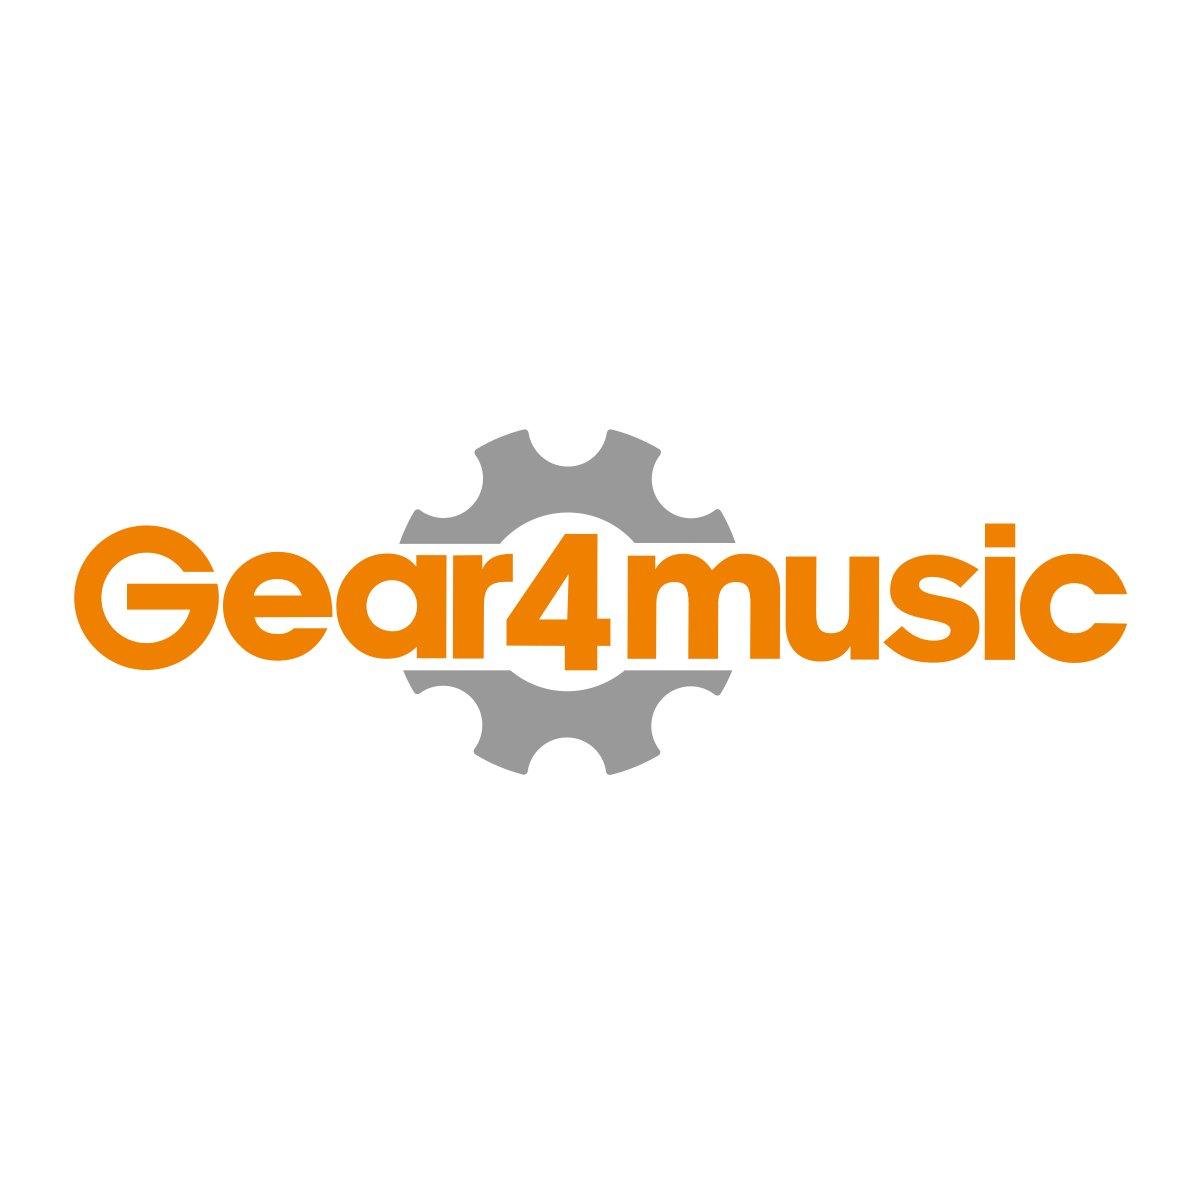 24-tums X 12-tums Marschbastrumma med Bärfäste, av Gear4music